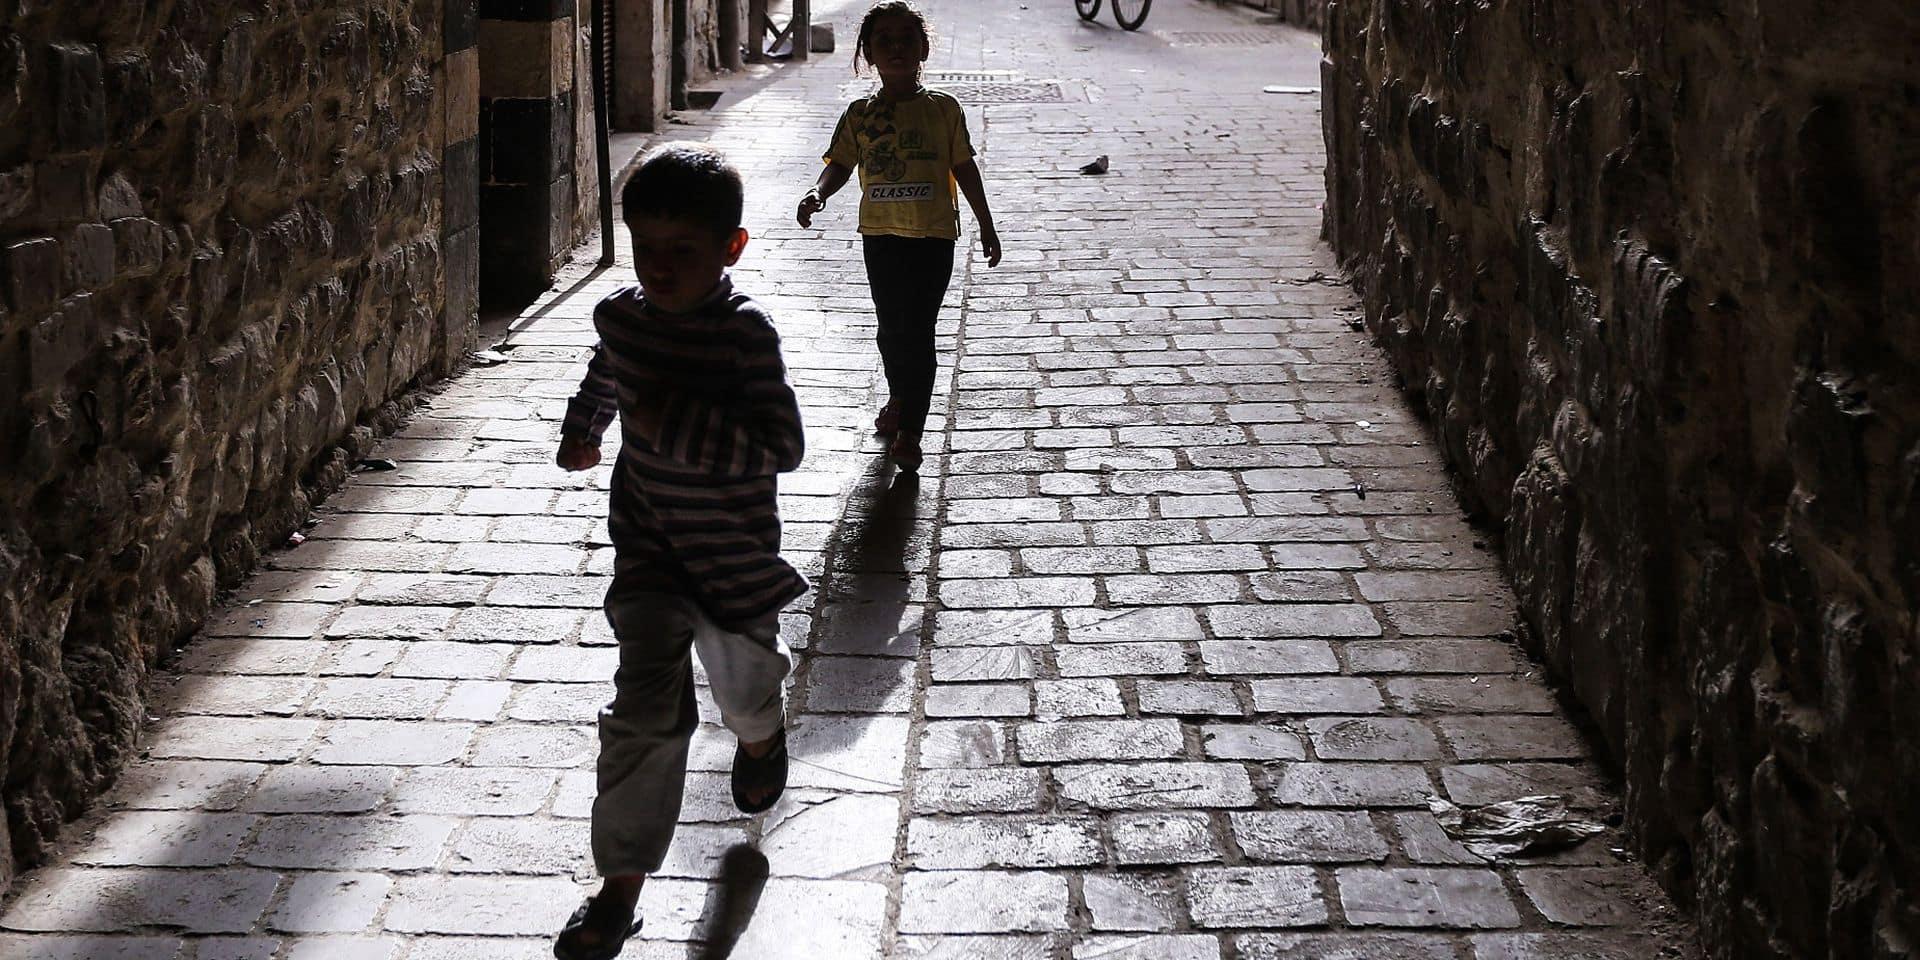 Pouvons-nous laisser les enfants belges en Syrie ?